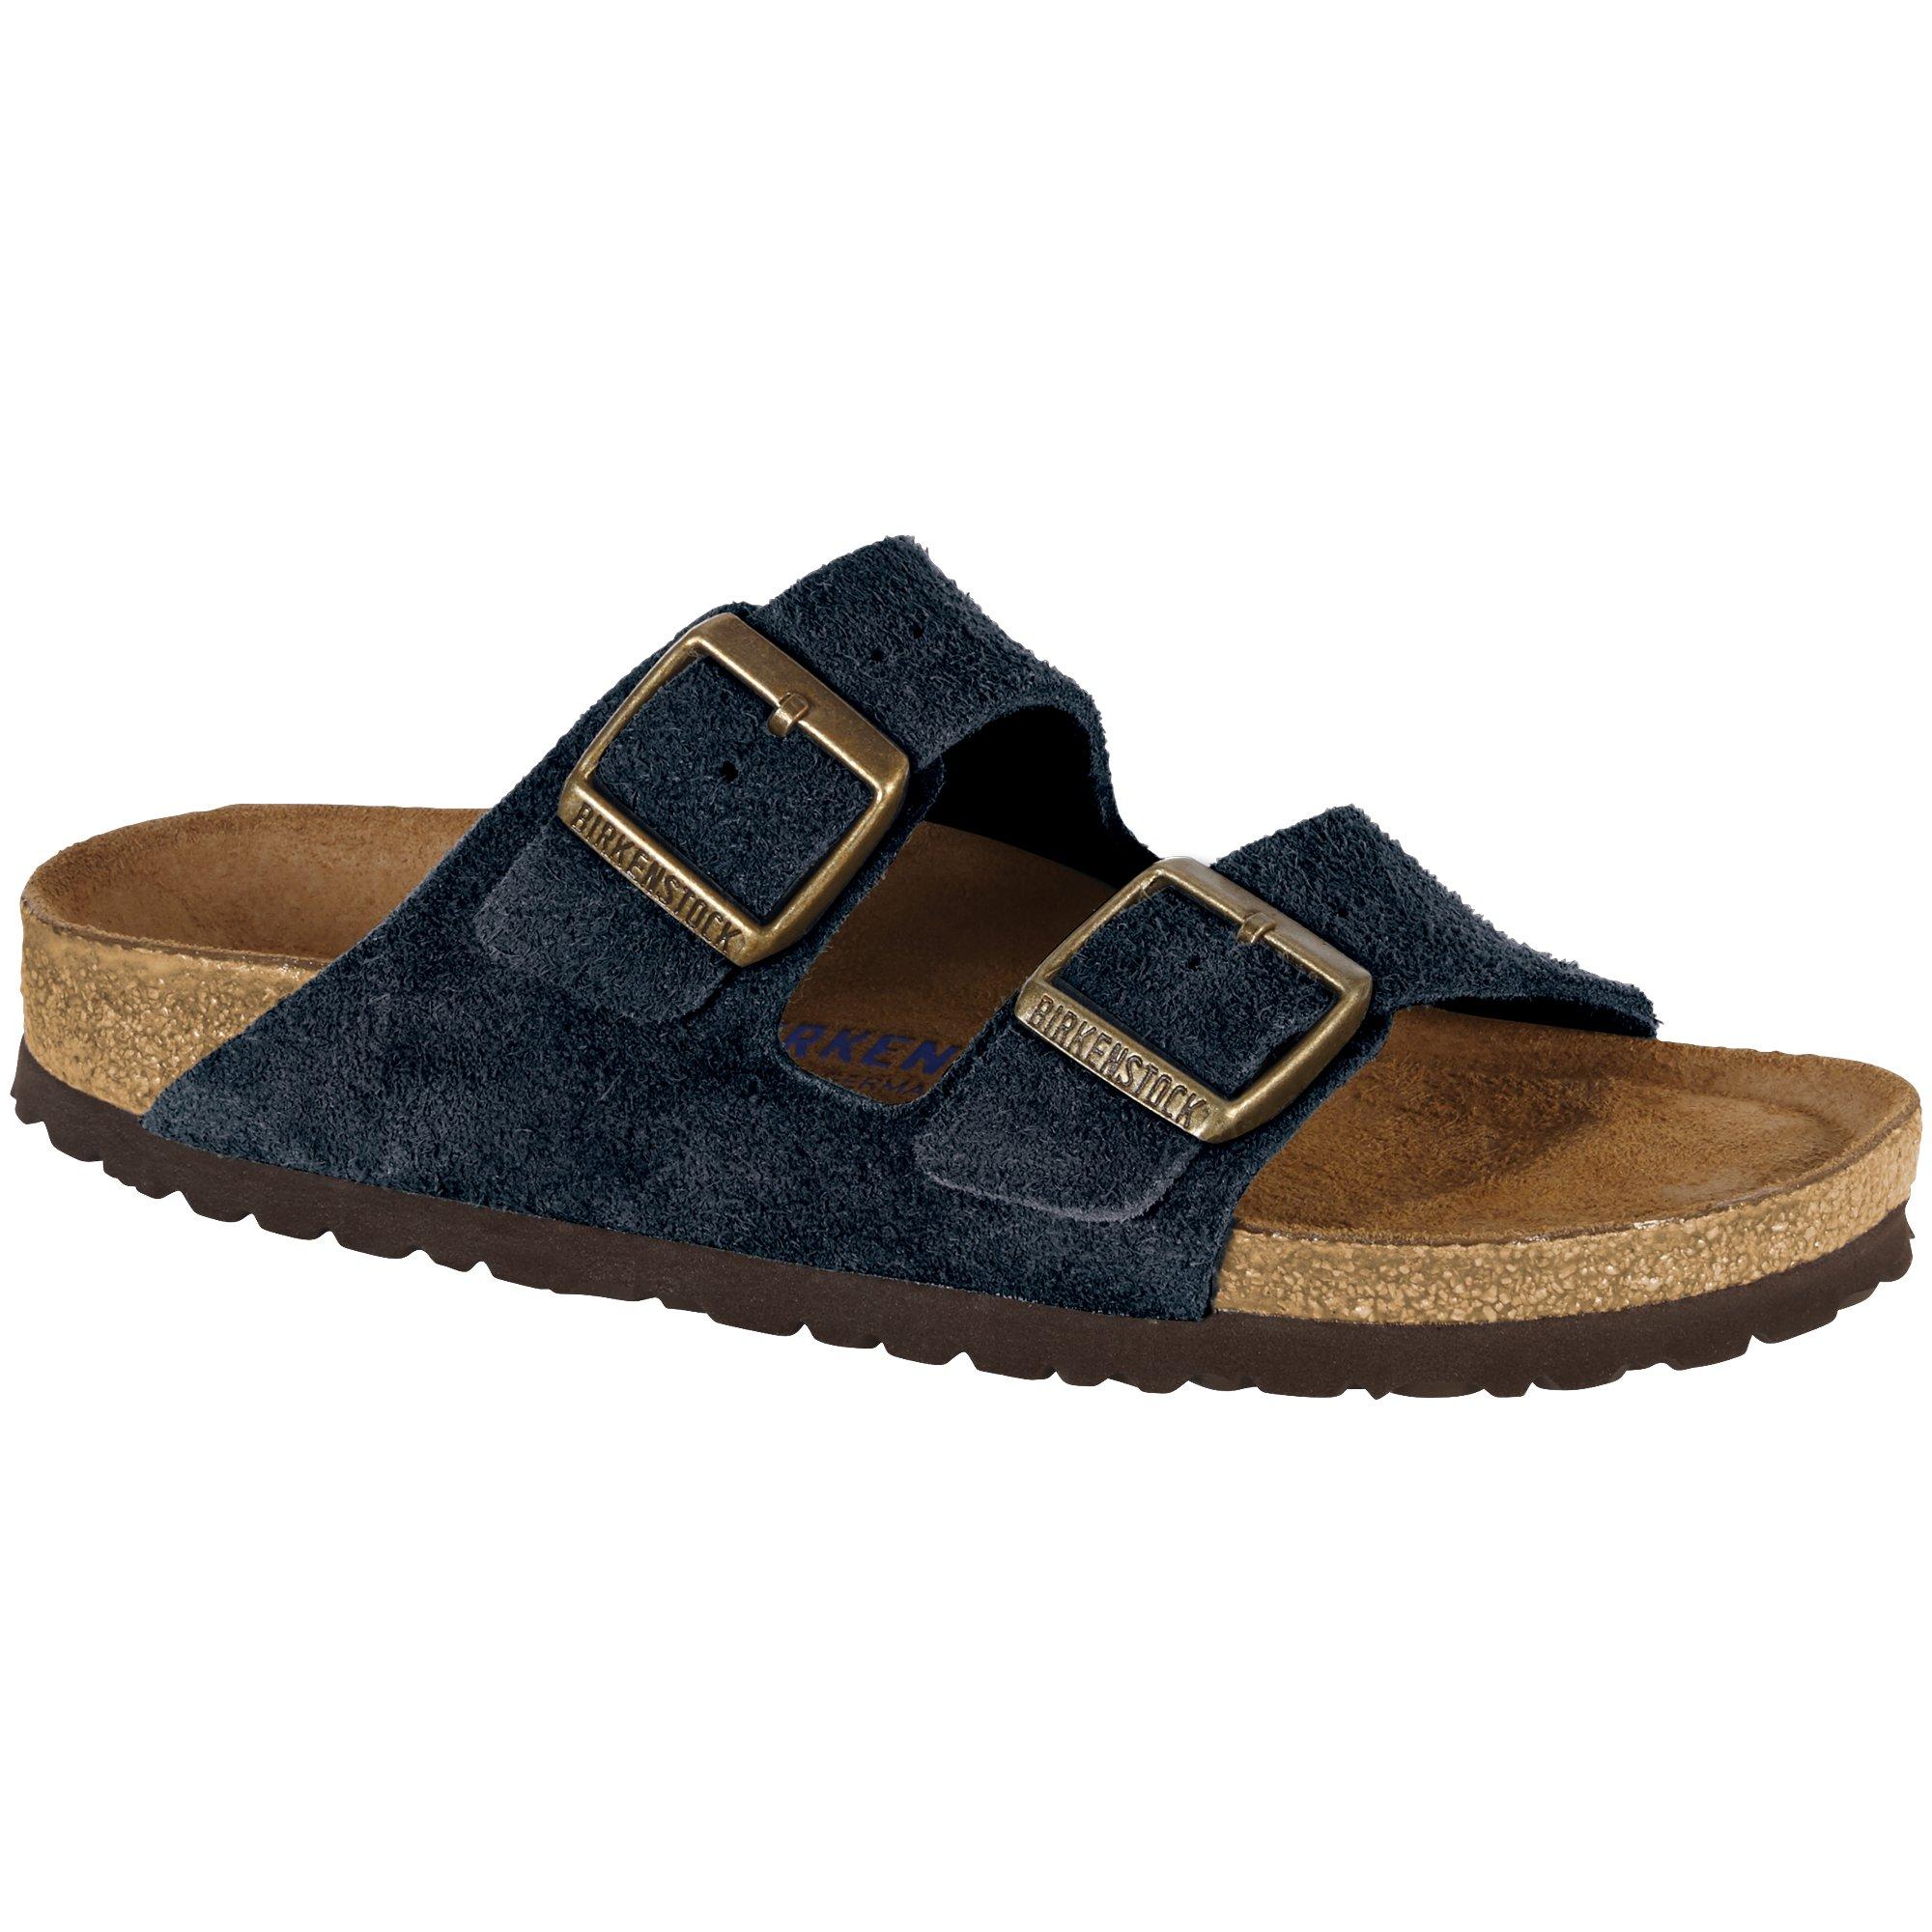 Birkenstock Arizona Soft Footbed Dark Navy Suede Sandals 37(US Women's 6-6.5)